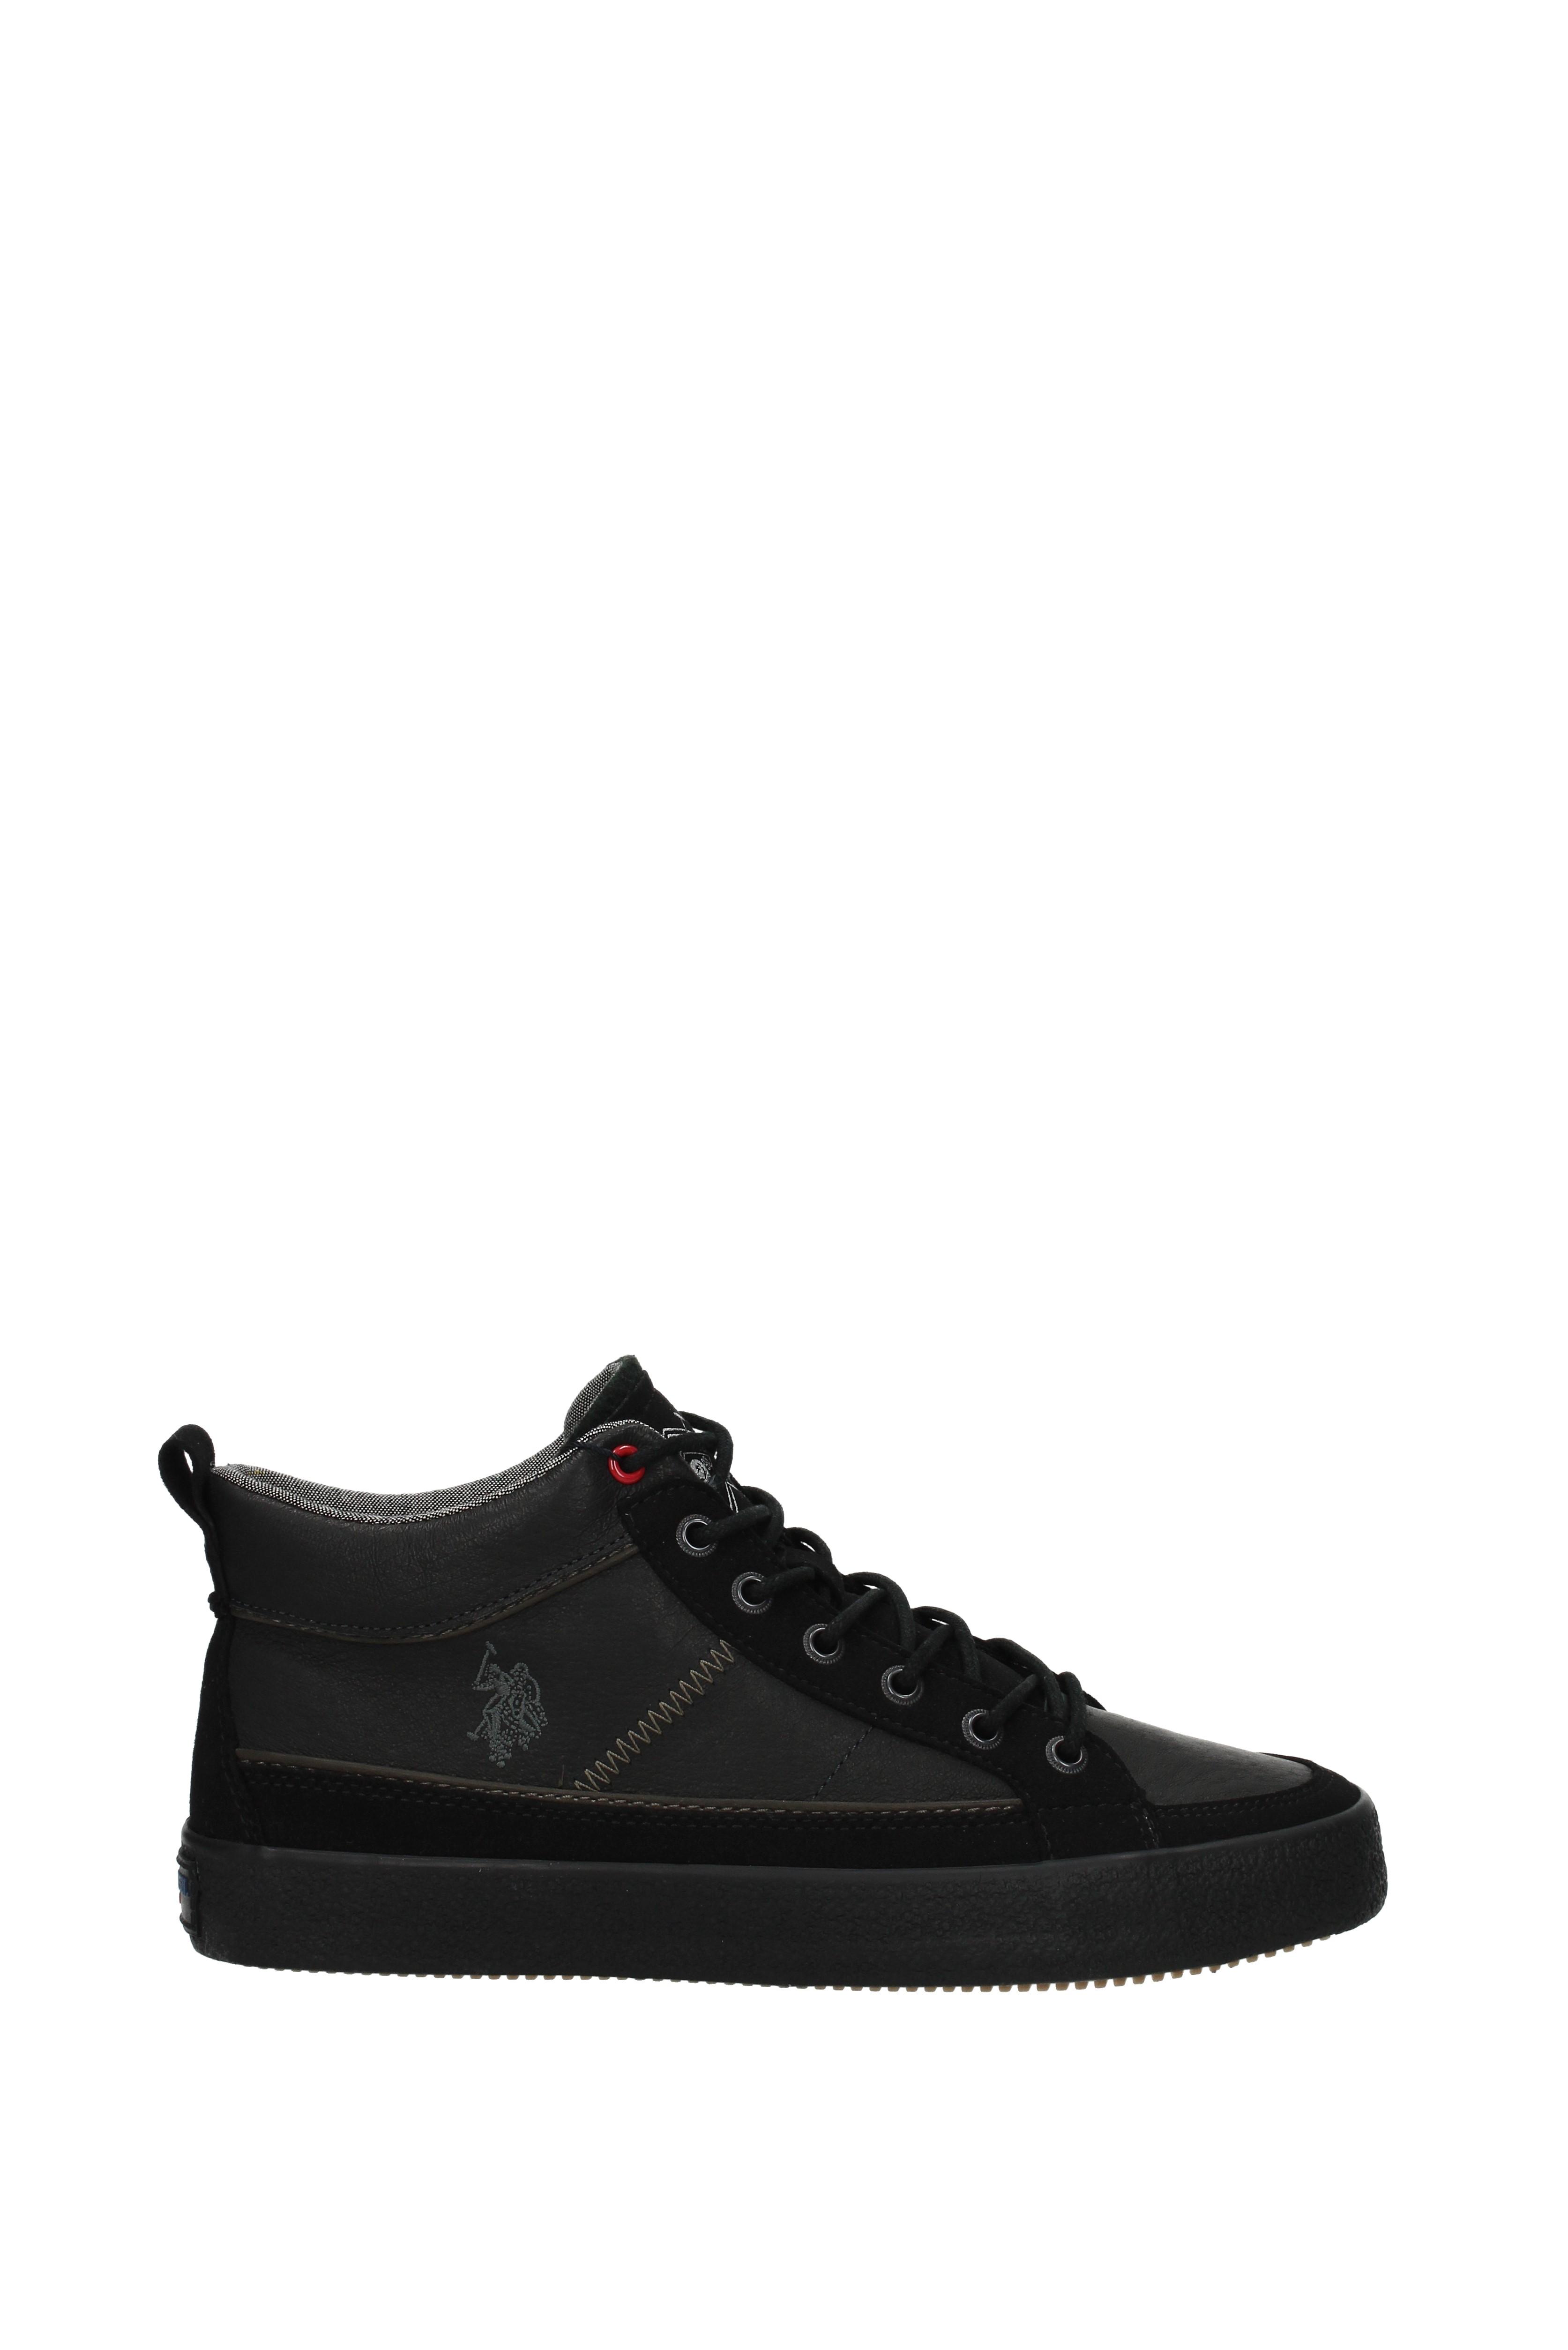 Sneakers Herren U.S. Polo Assn. sylvester Herren Sneakers - Leder (SYLVESTERLEATHERSUEDE) 7661ea